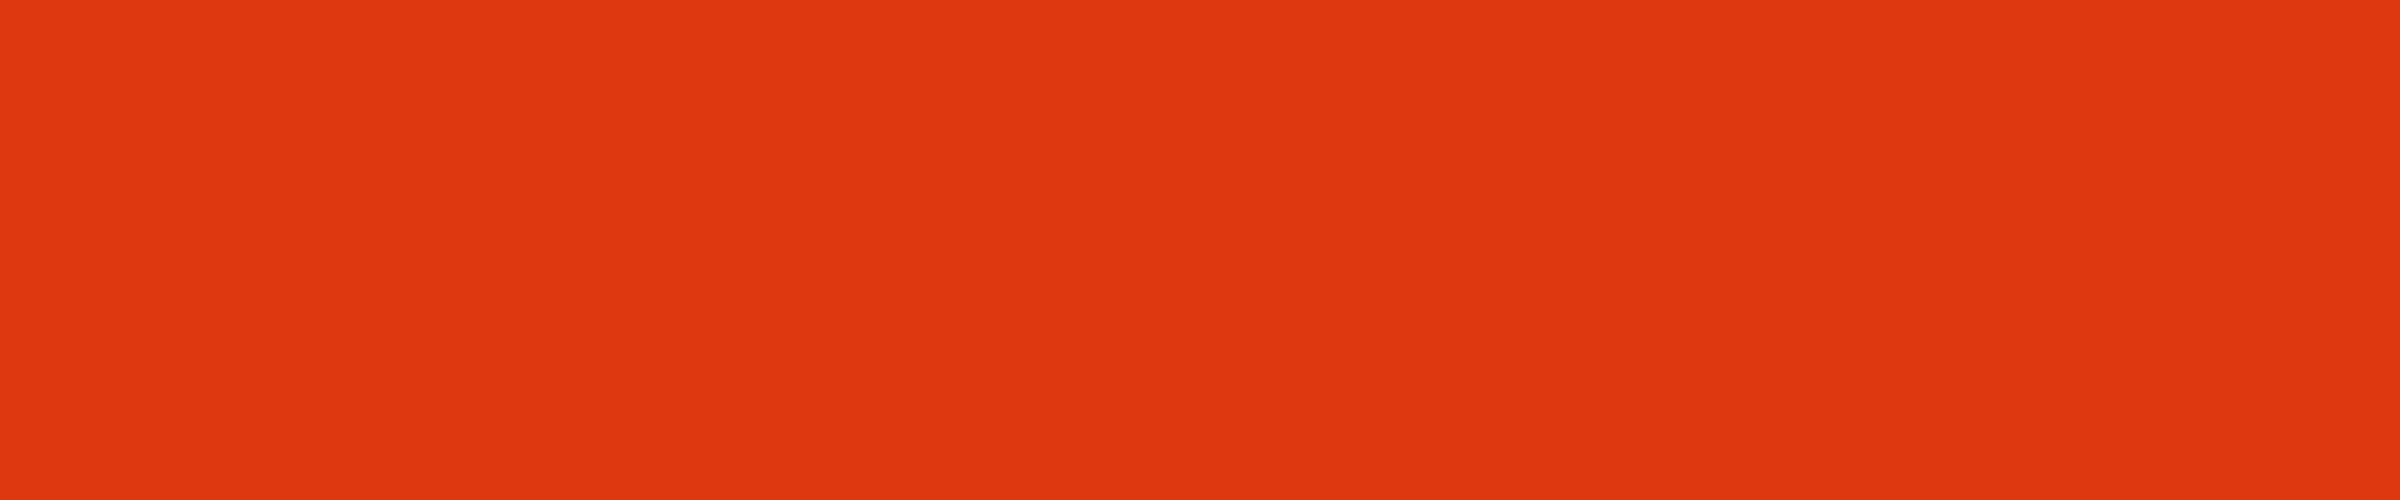 Slider Background Color ADA Orange